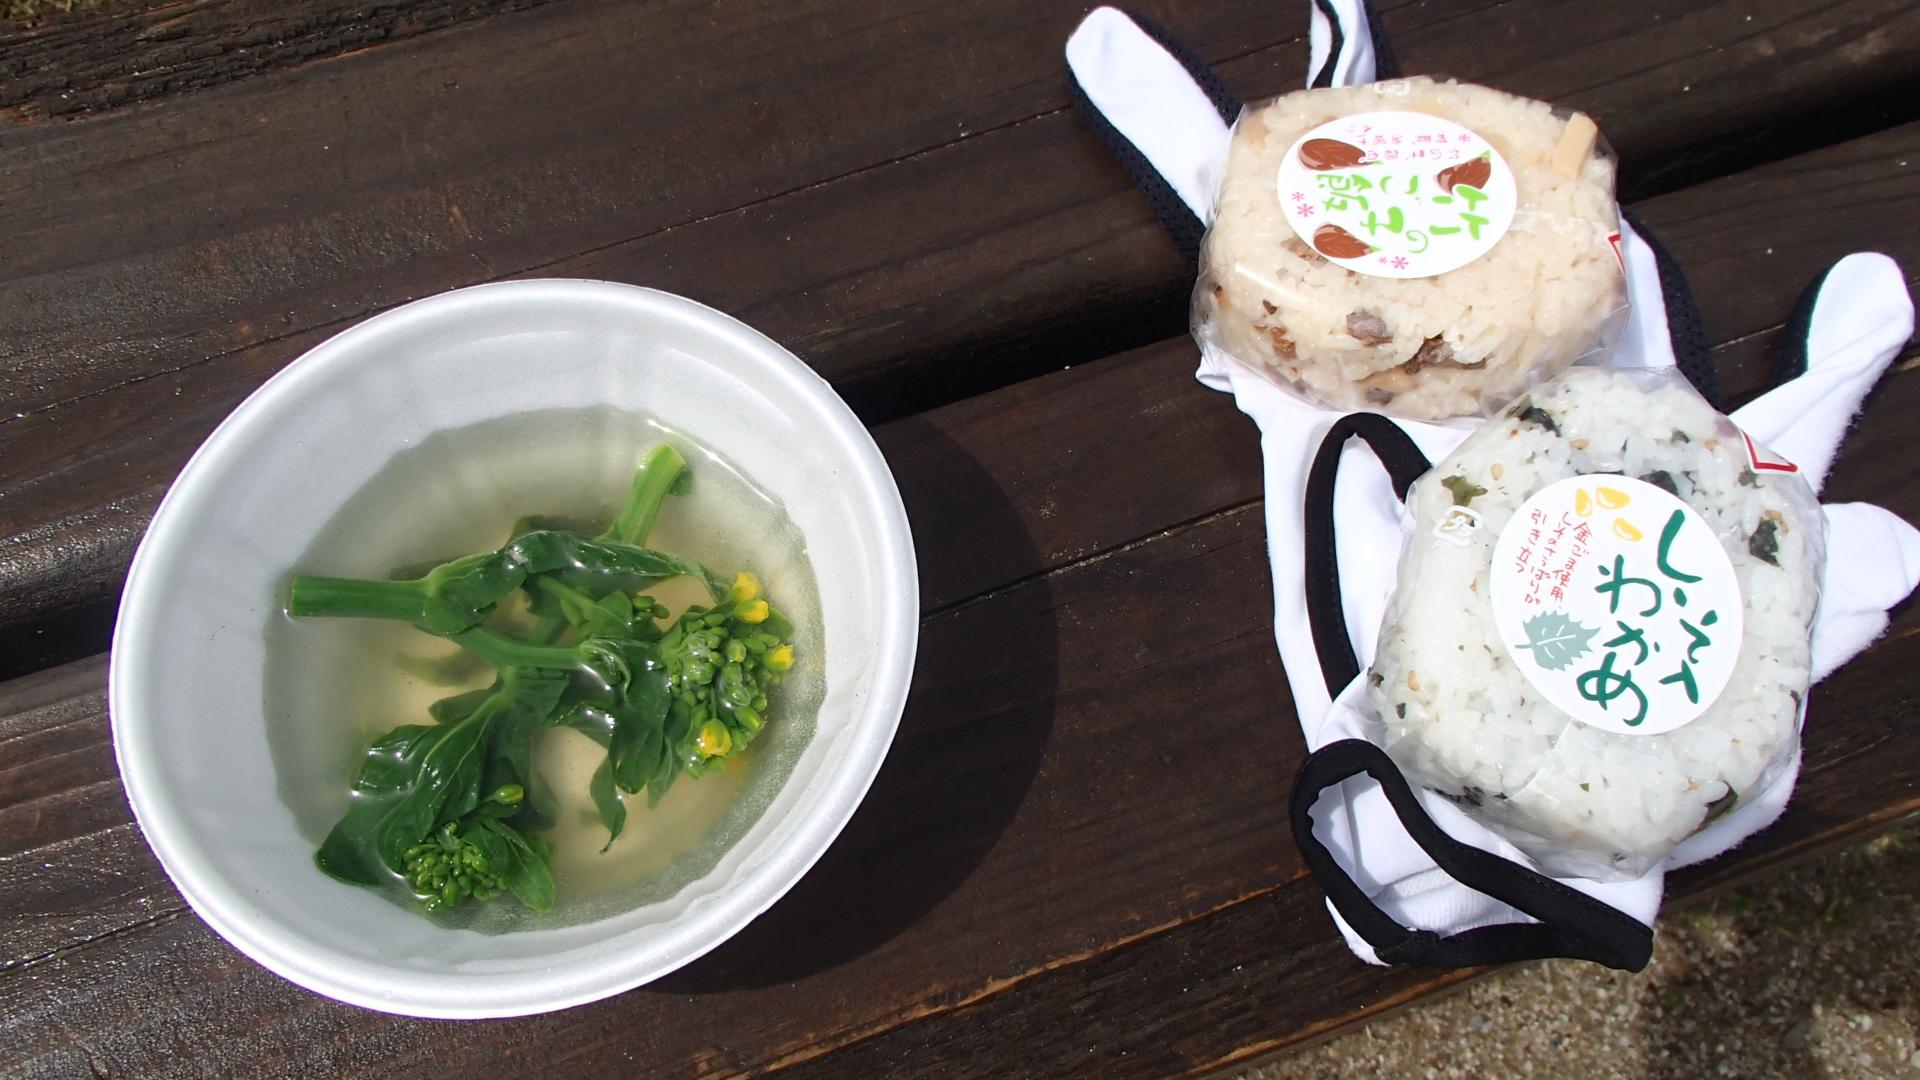 広沢の池エイドでおにぎりと菜花スープを頂く